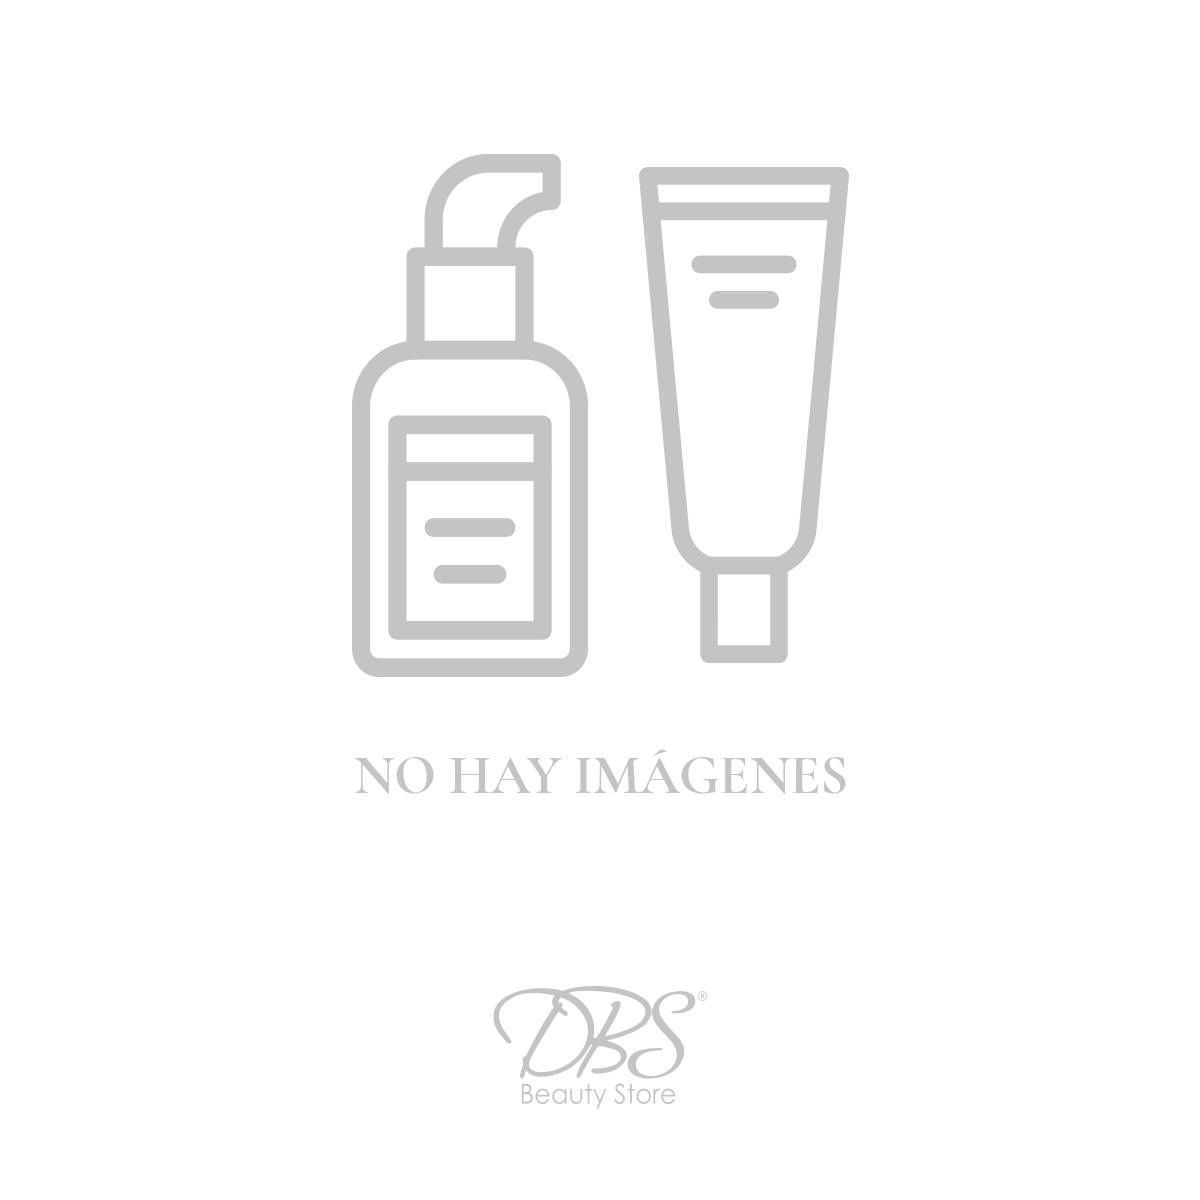 Beauty Box Enrojecimiento